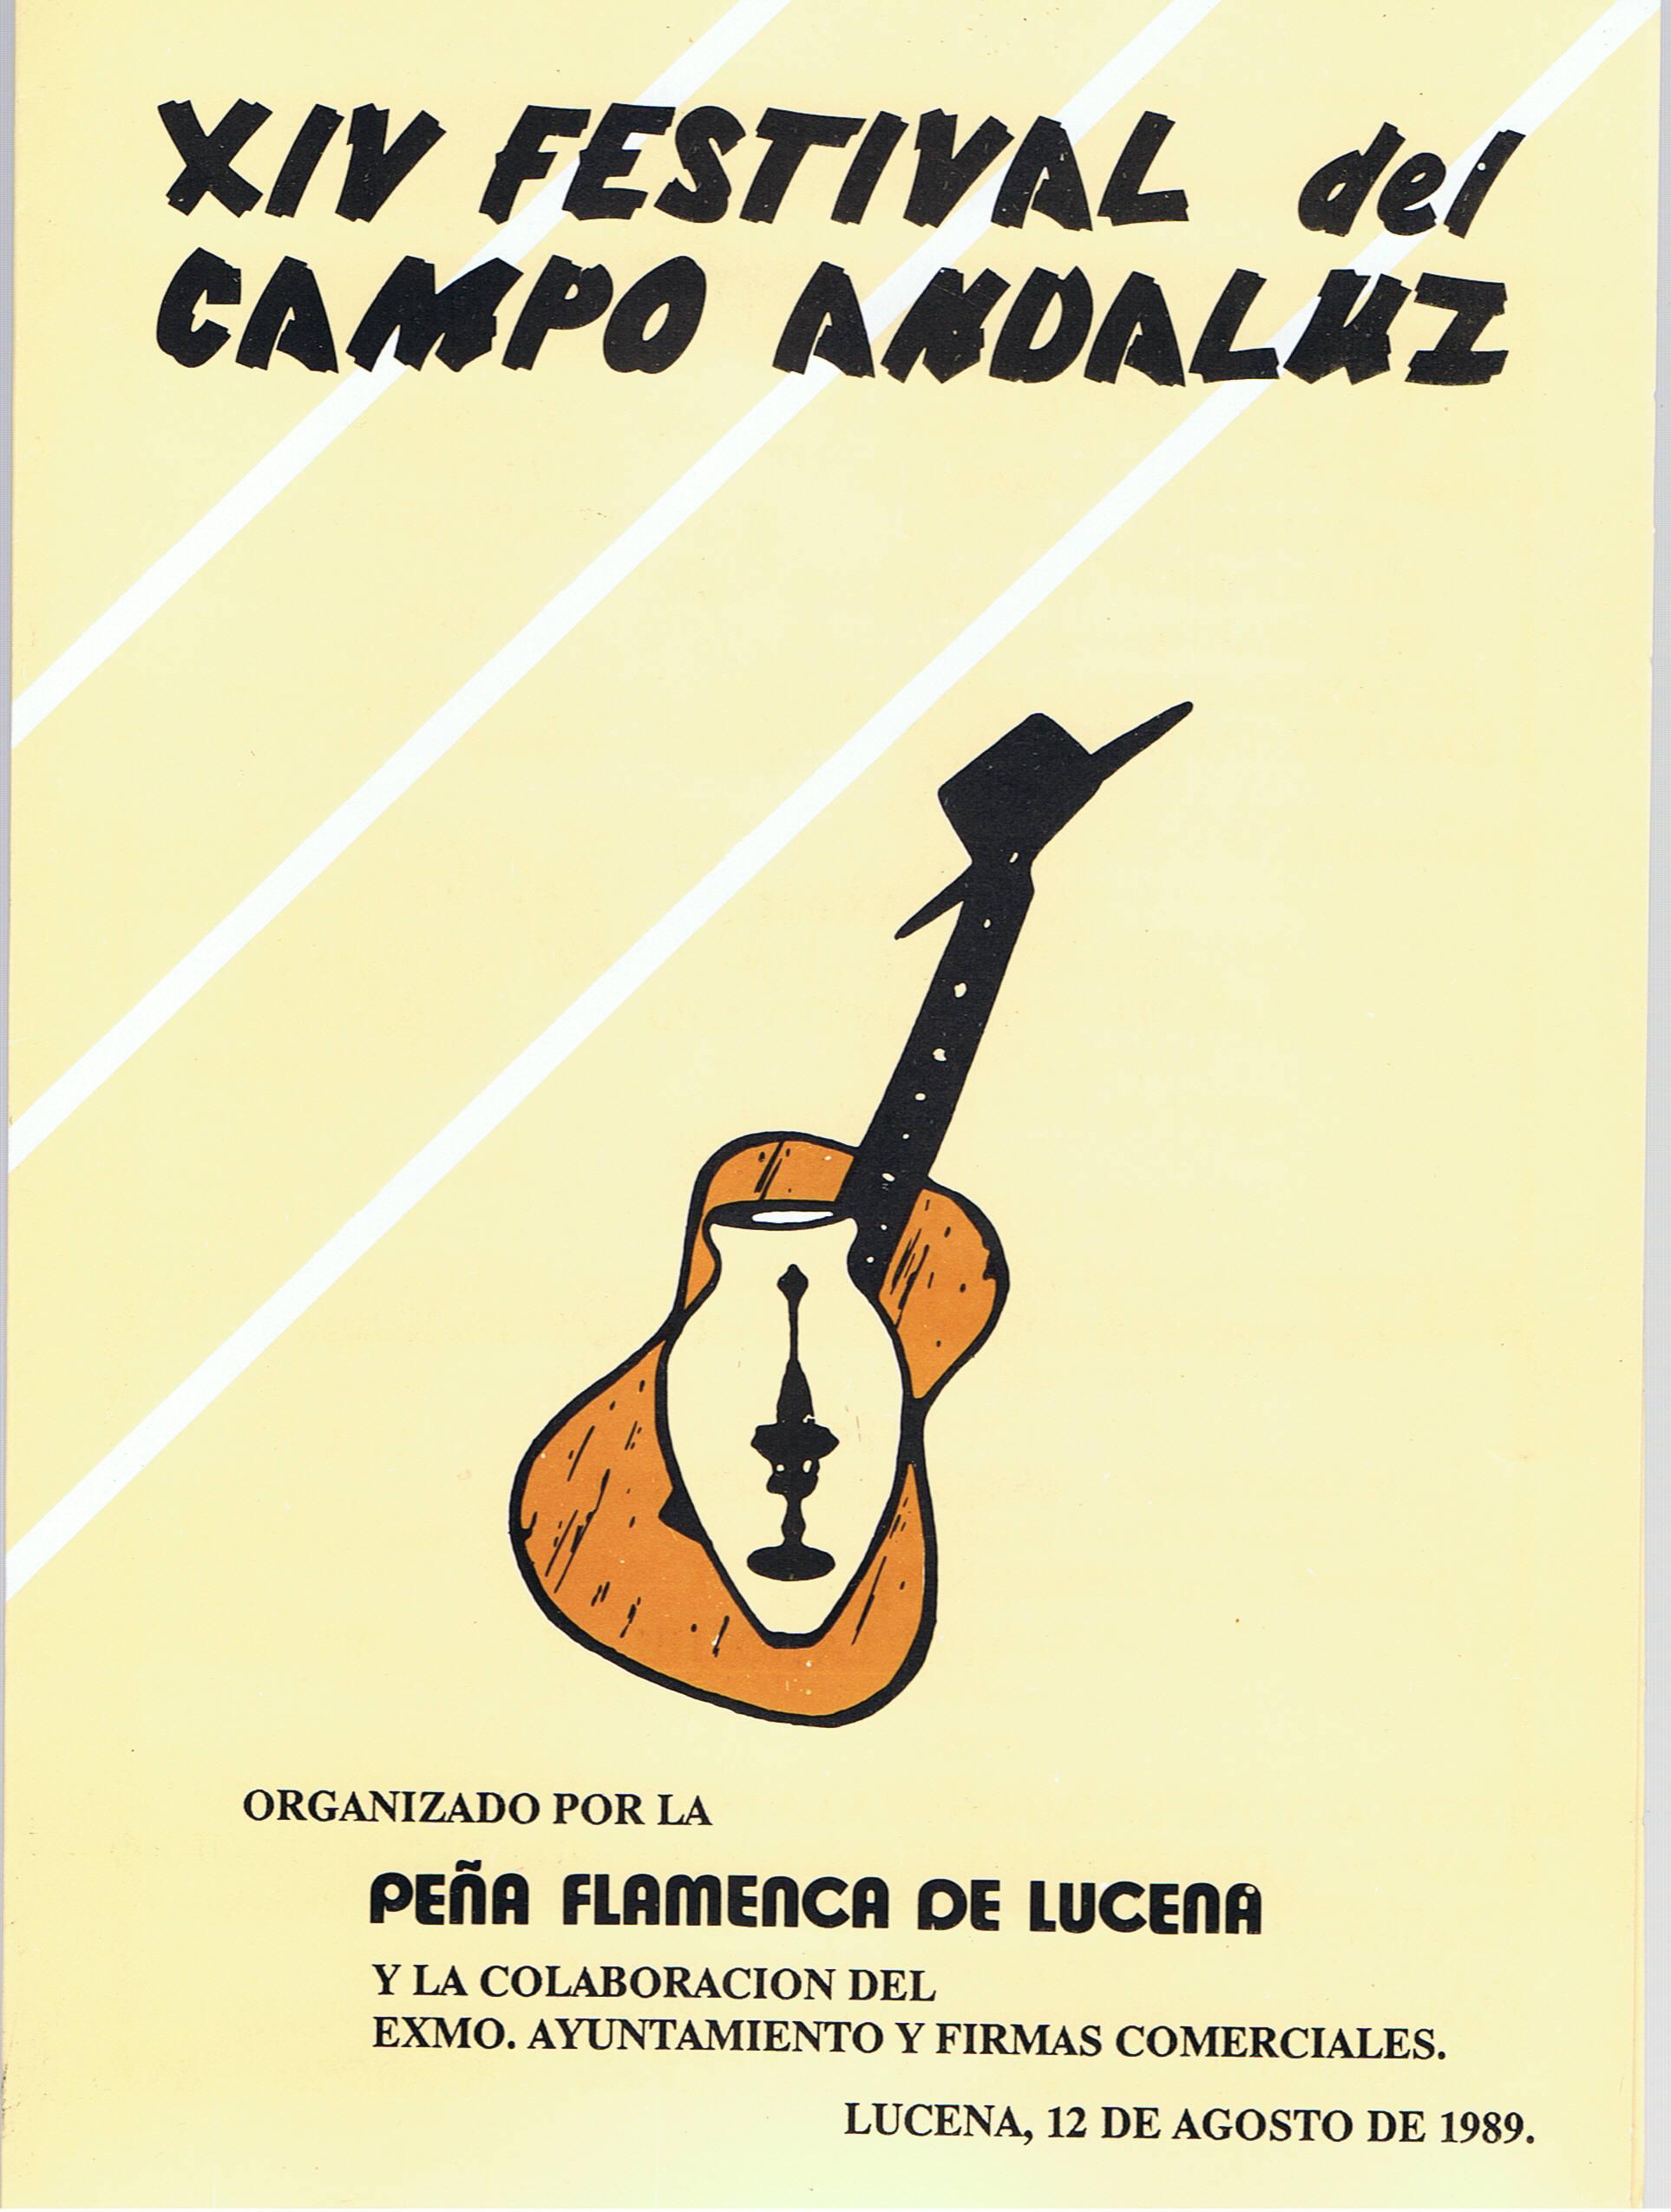 1989 - XIV Festival del Campo Andaluz (1)